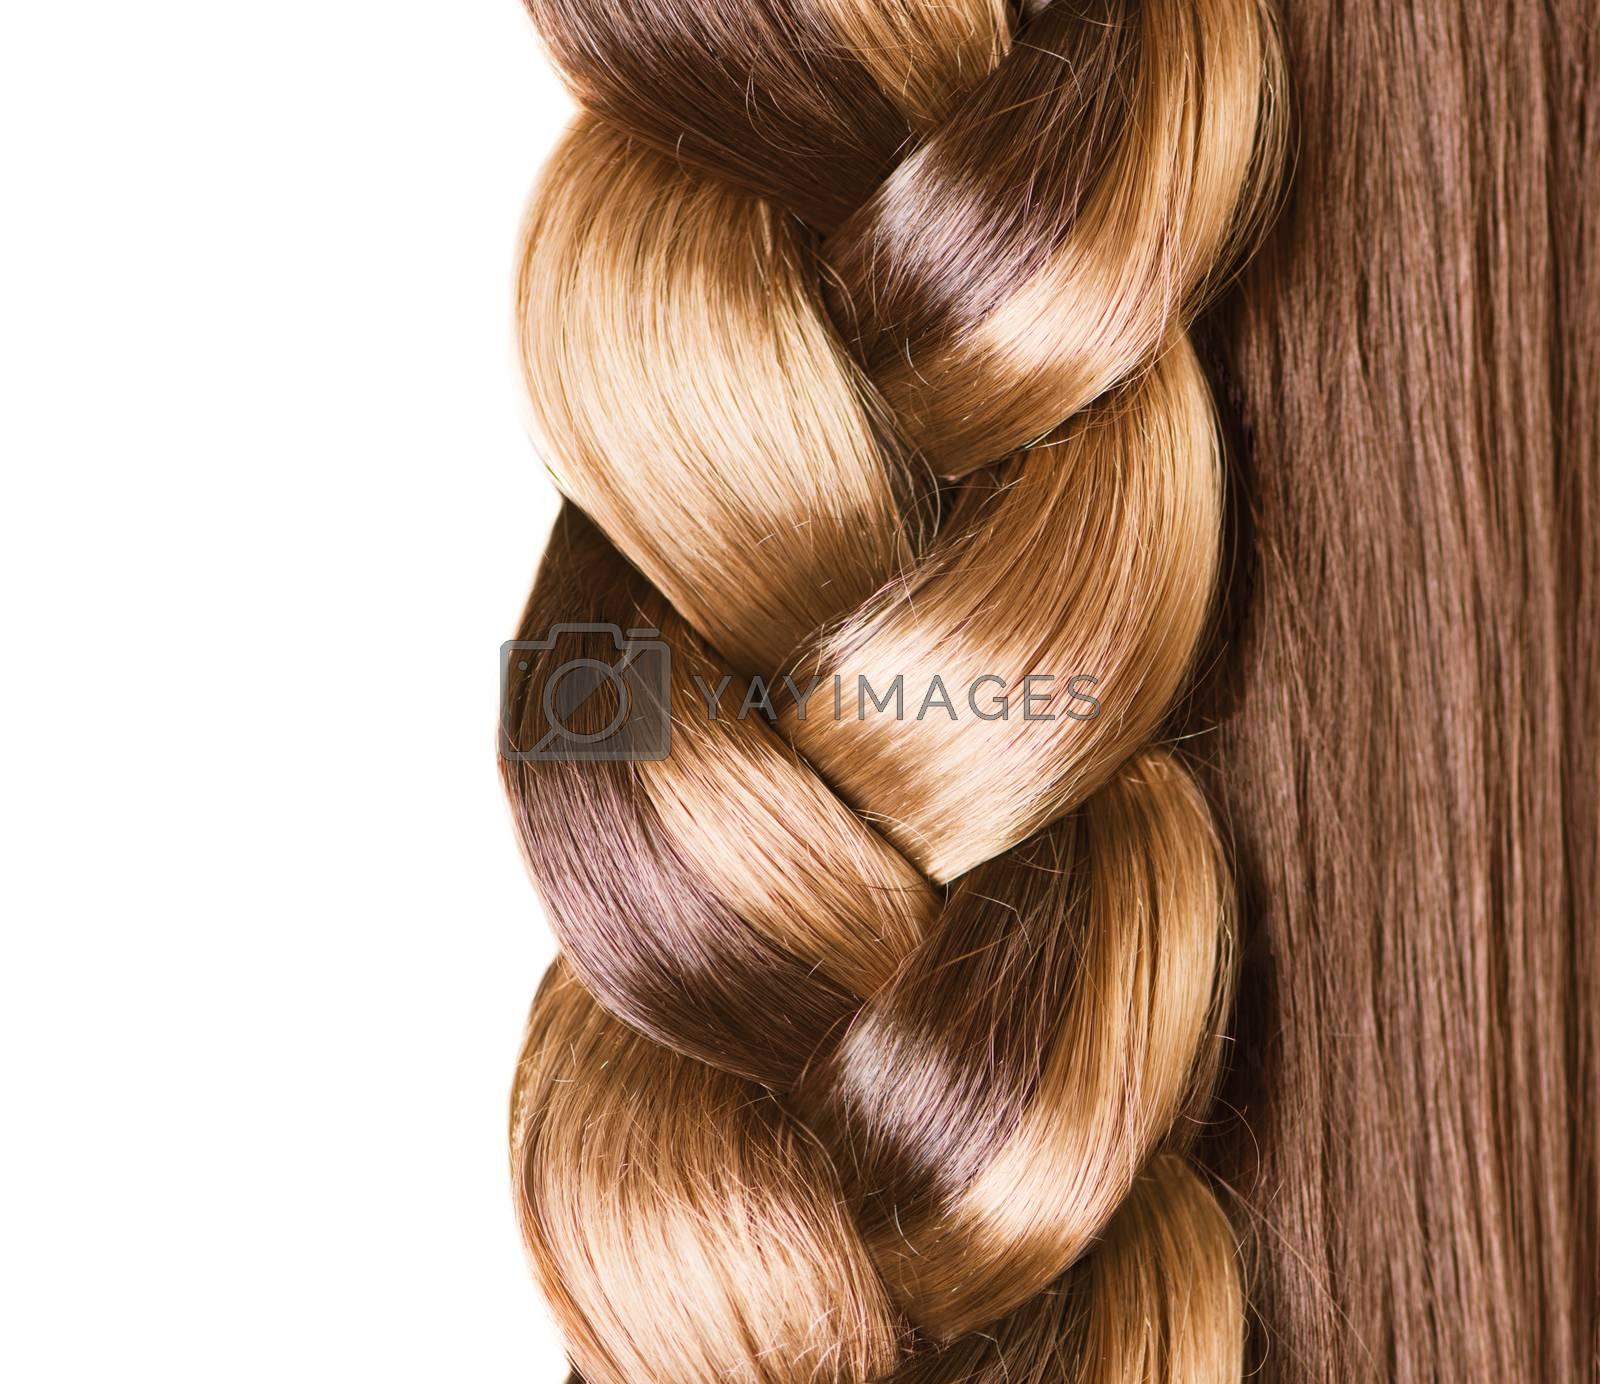 Braid Hairstyle. Brown Long Hair close up. Healthy Hair by Subbotina Anna